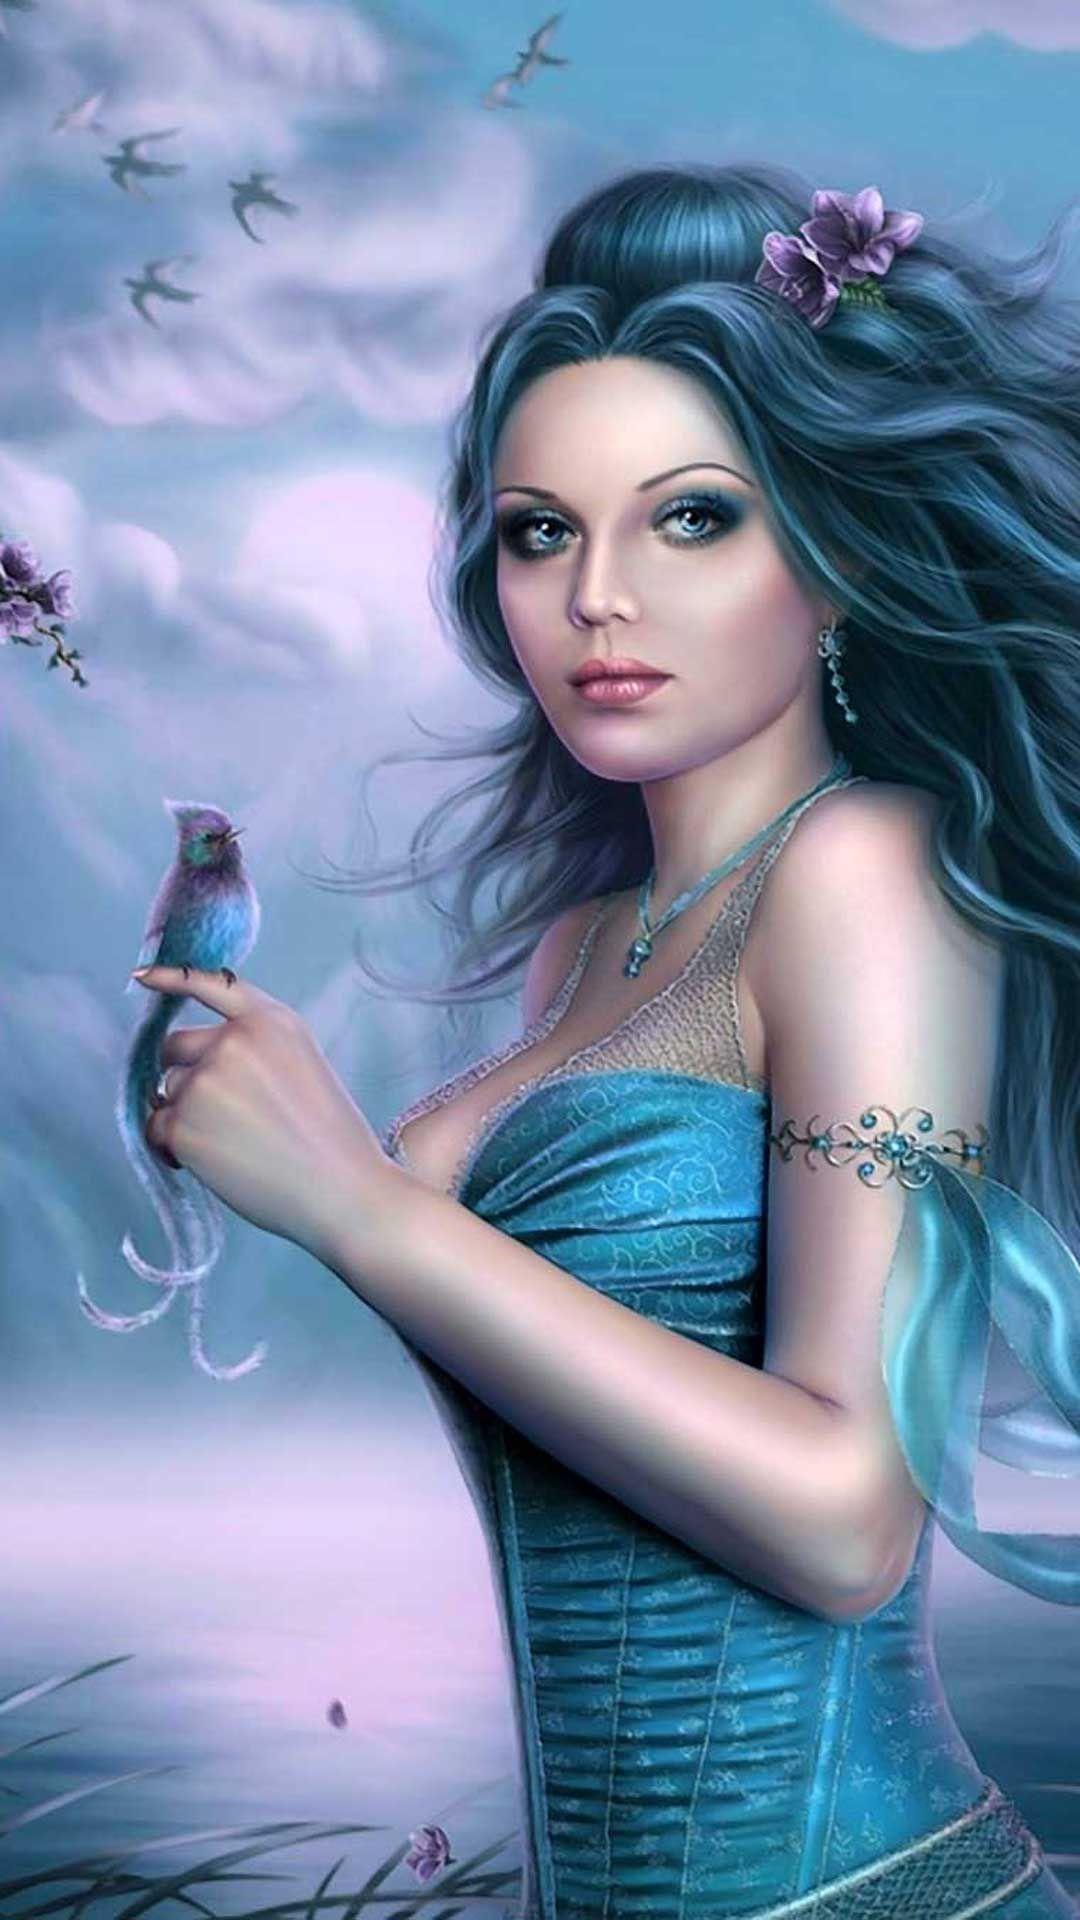 Cute 3d Iphone Wallpaper 2020 Live Wallpaper Hd Fairy Wallpaper Cute Girl Wallpaper Blue Fairy